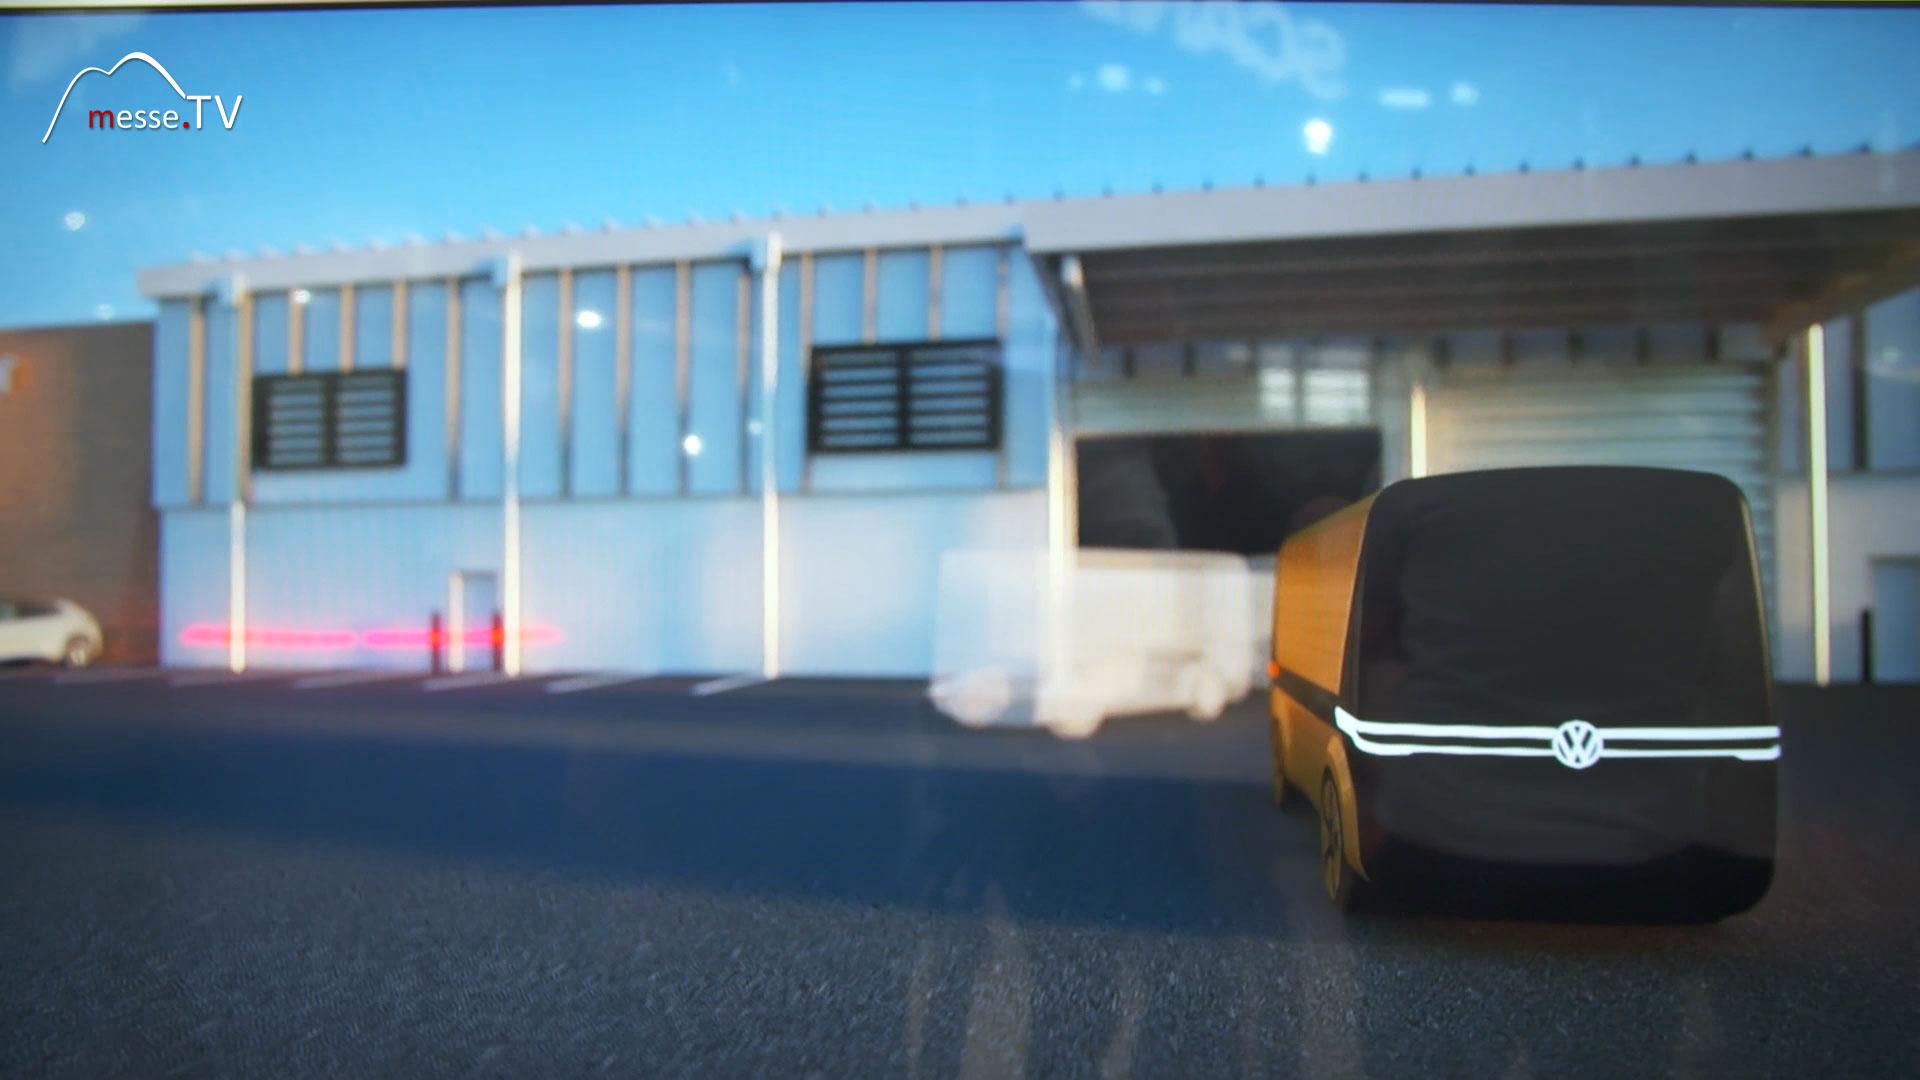 VW Nutzfahrzeuge Simulation autonomes Fahren transport logistic 2019